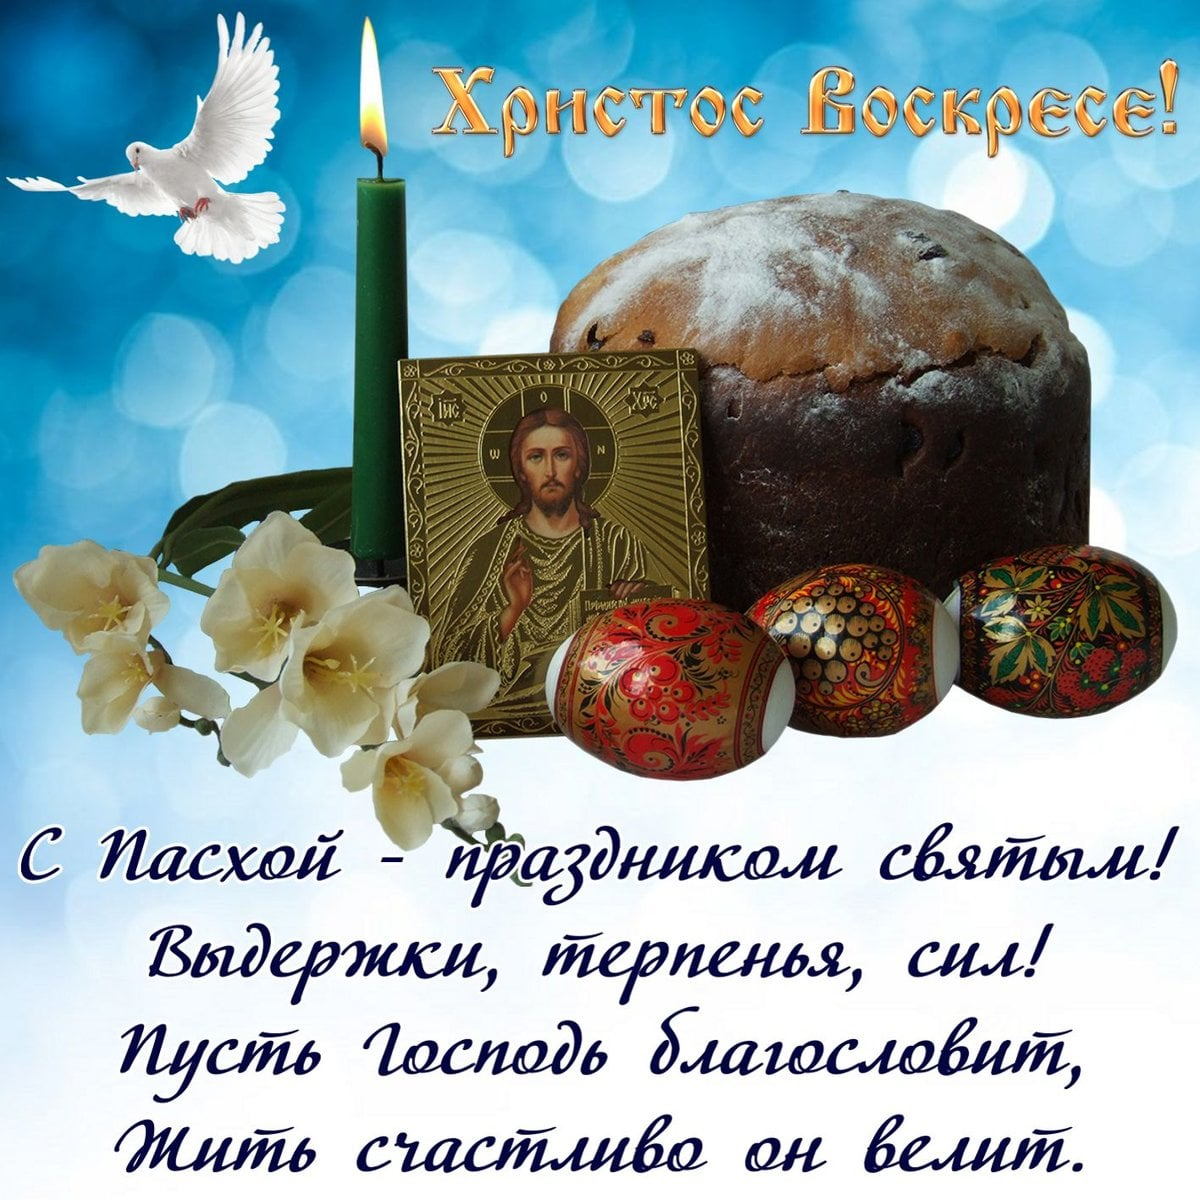 Праздником пасхи открытки, надписью